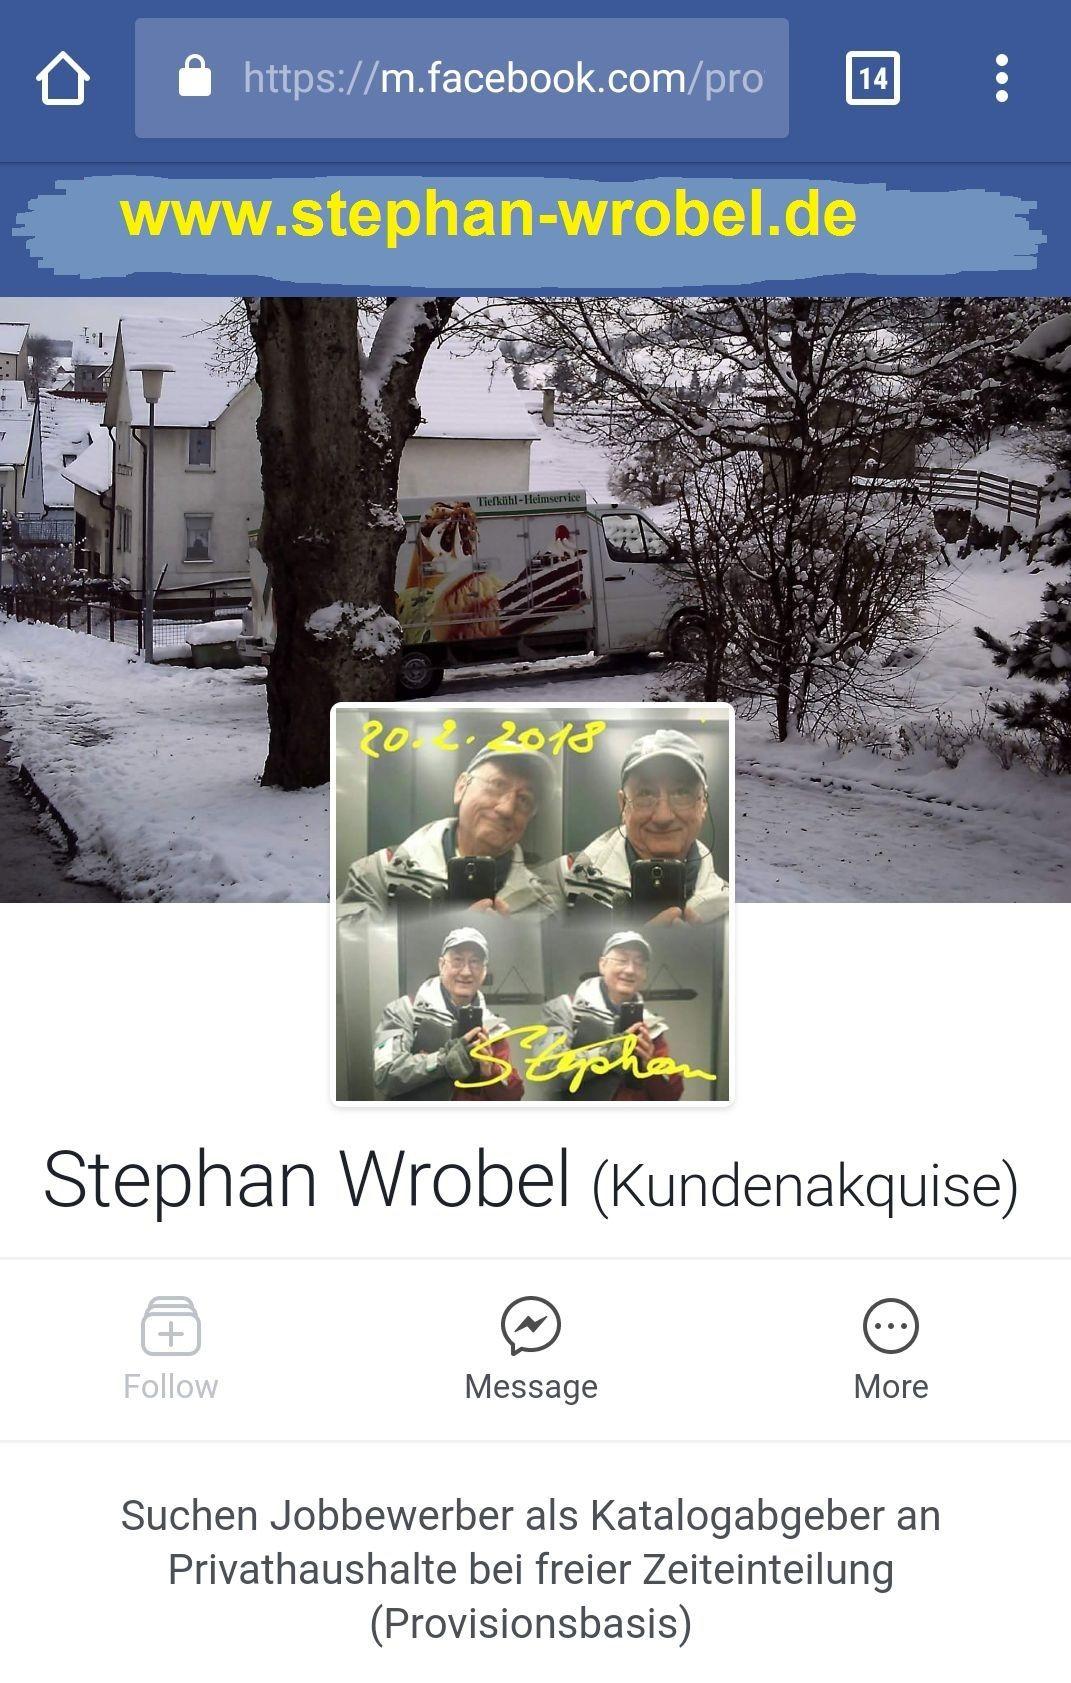 Stephan Wrobel, seit 2009 (beruflich)